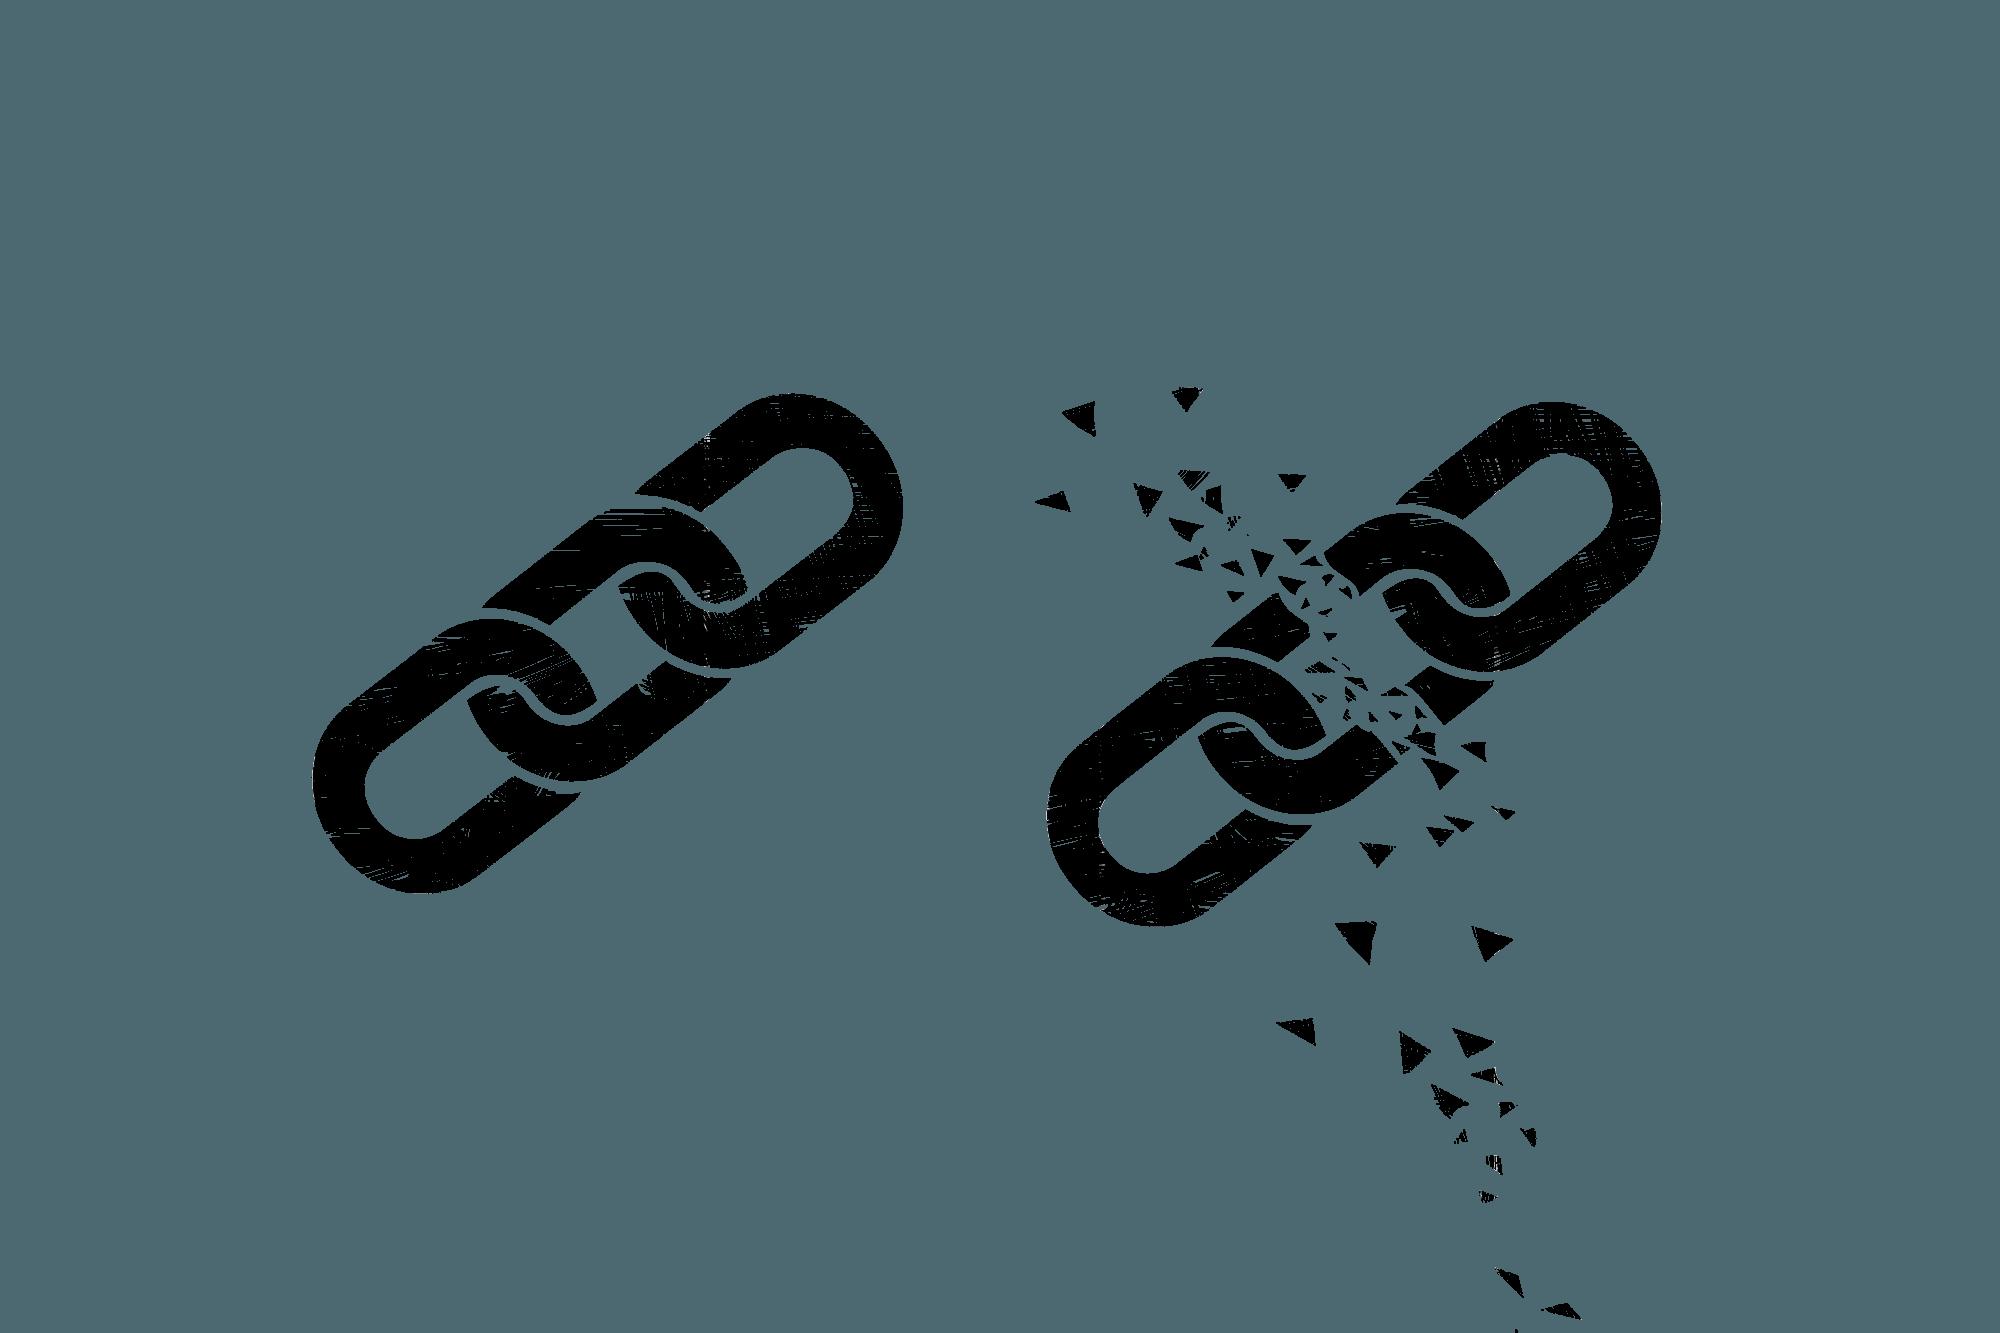 Kettenglieder symbolisieren die Verlinkung